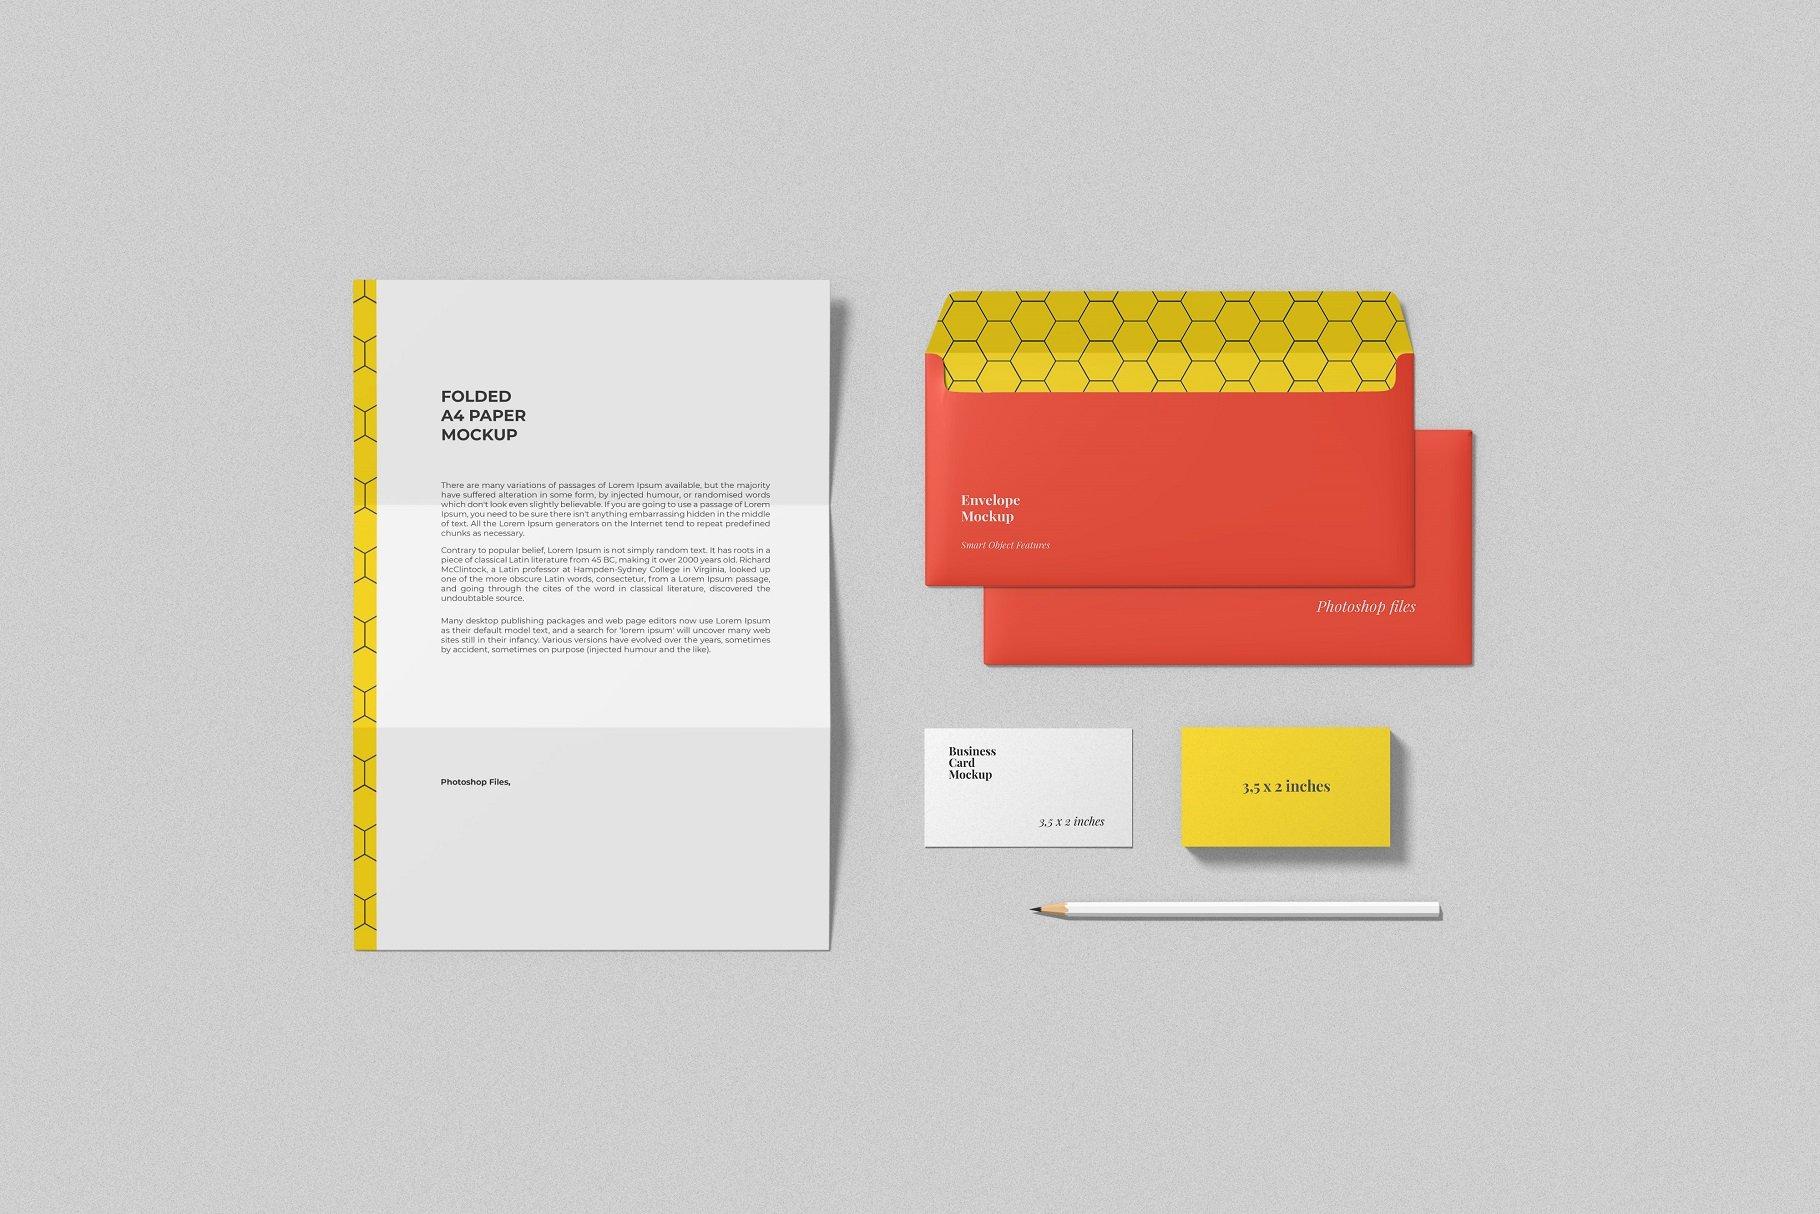 12个时尚简约品牌Logo设计办公用品展示贴图样机模板套装 Branding Mockup Scene Creator插图8